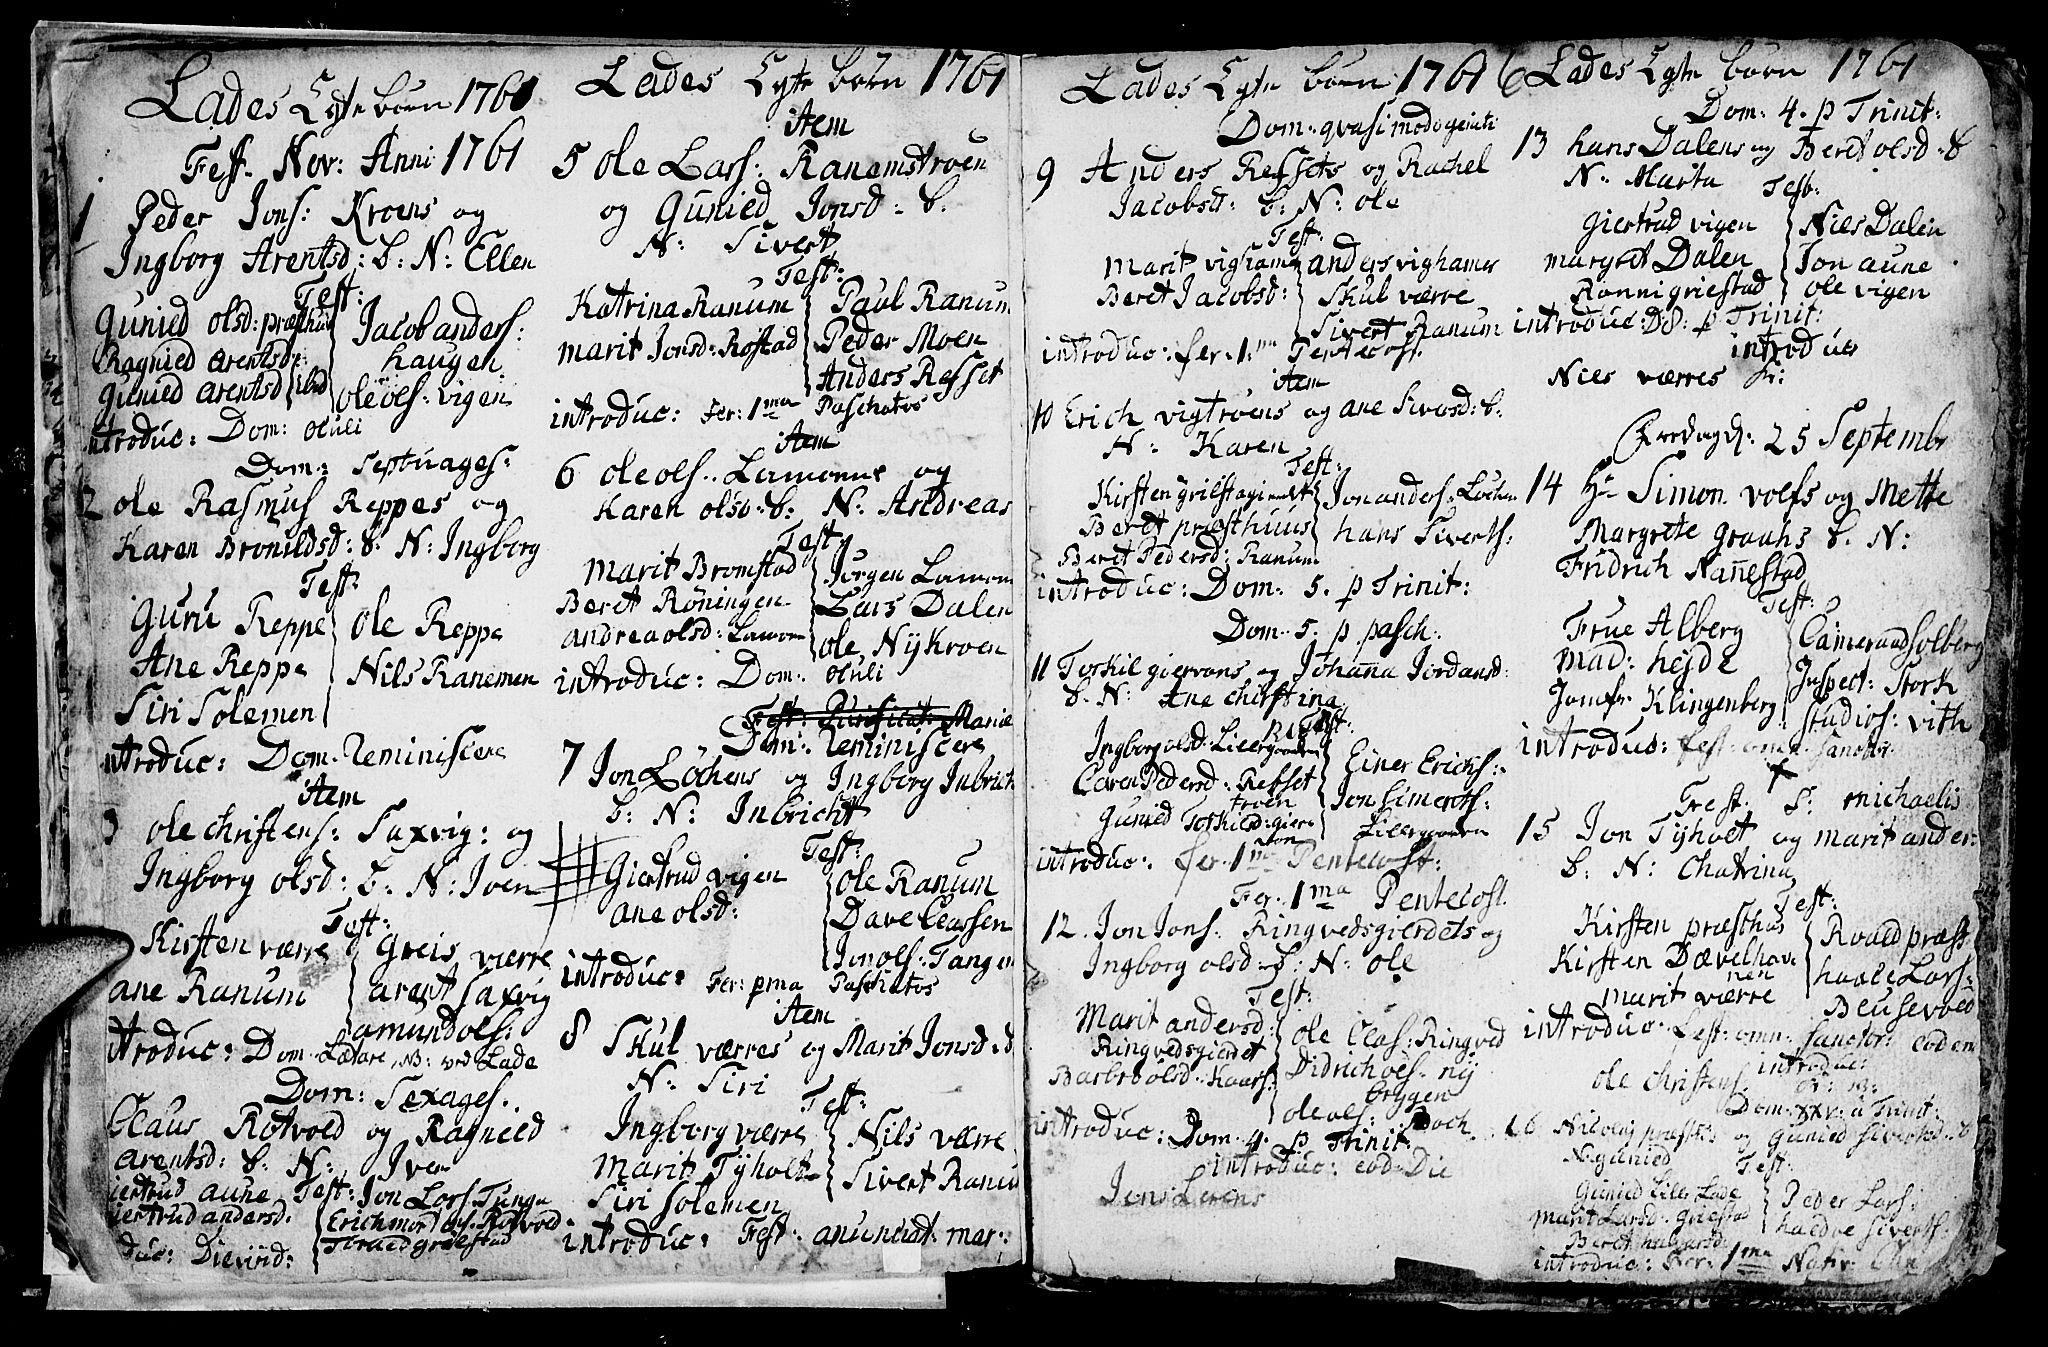 SAT, Ministerialprotokoller, klokkerbøker og fødselsregistre - Sør-Trøndelag, 606/L0305: Klokkerbok nr. 606C01, 1757-1819, s. 6